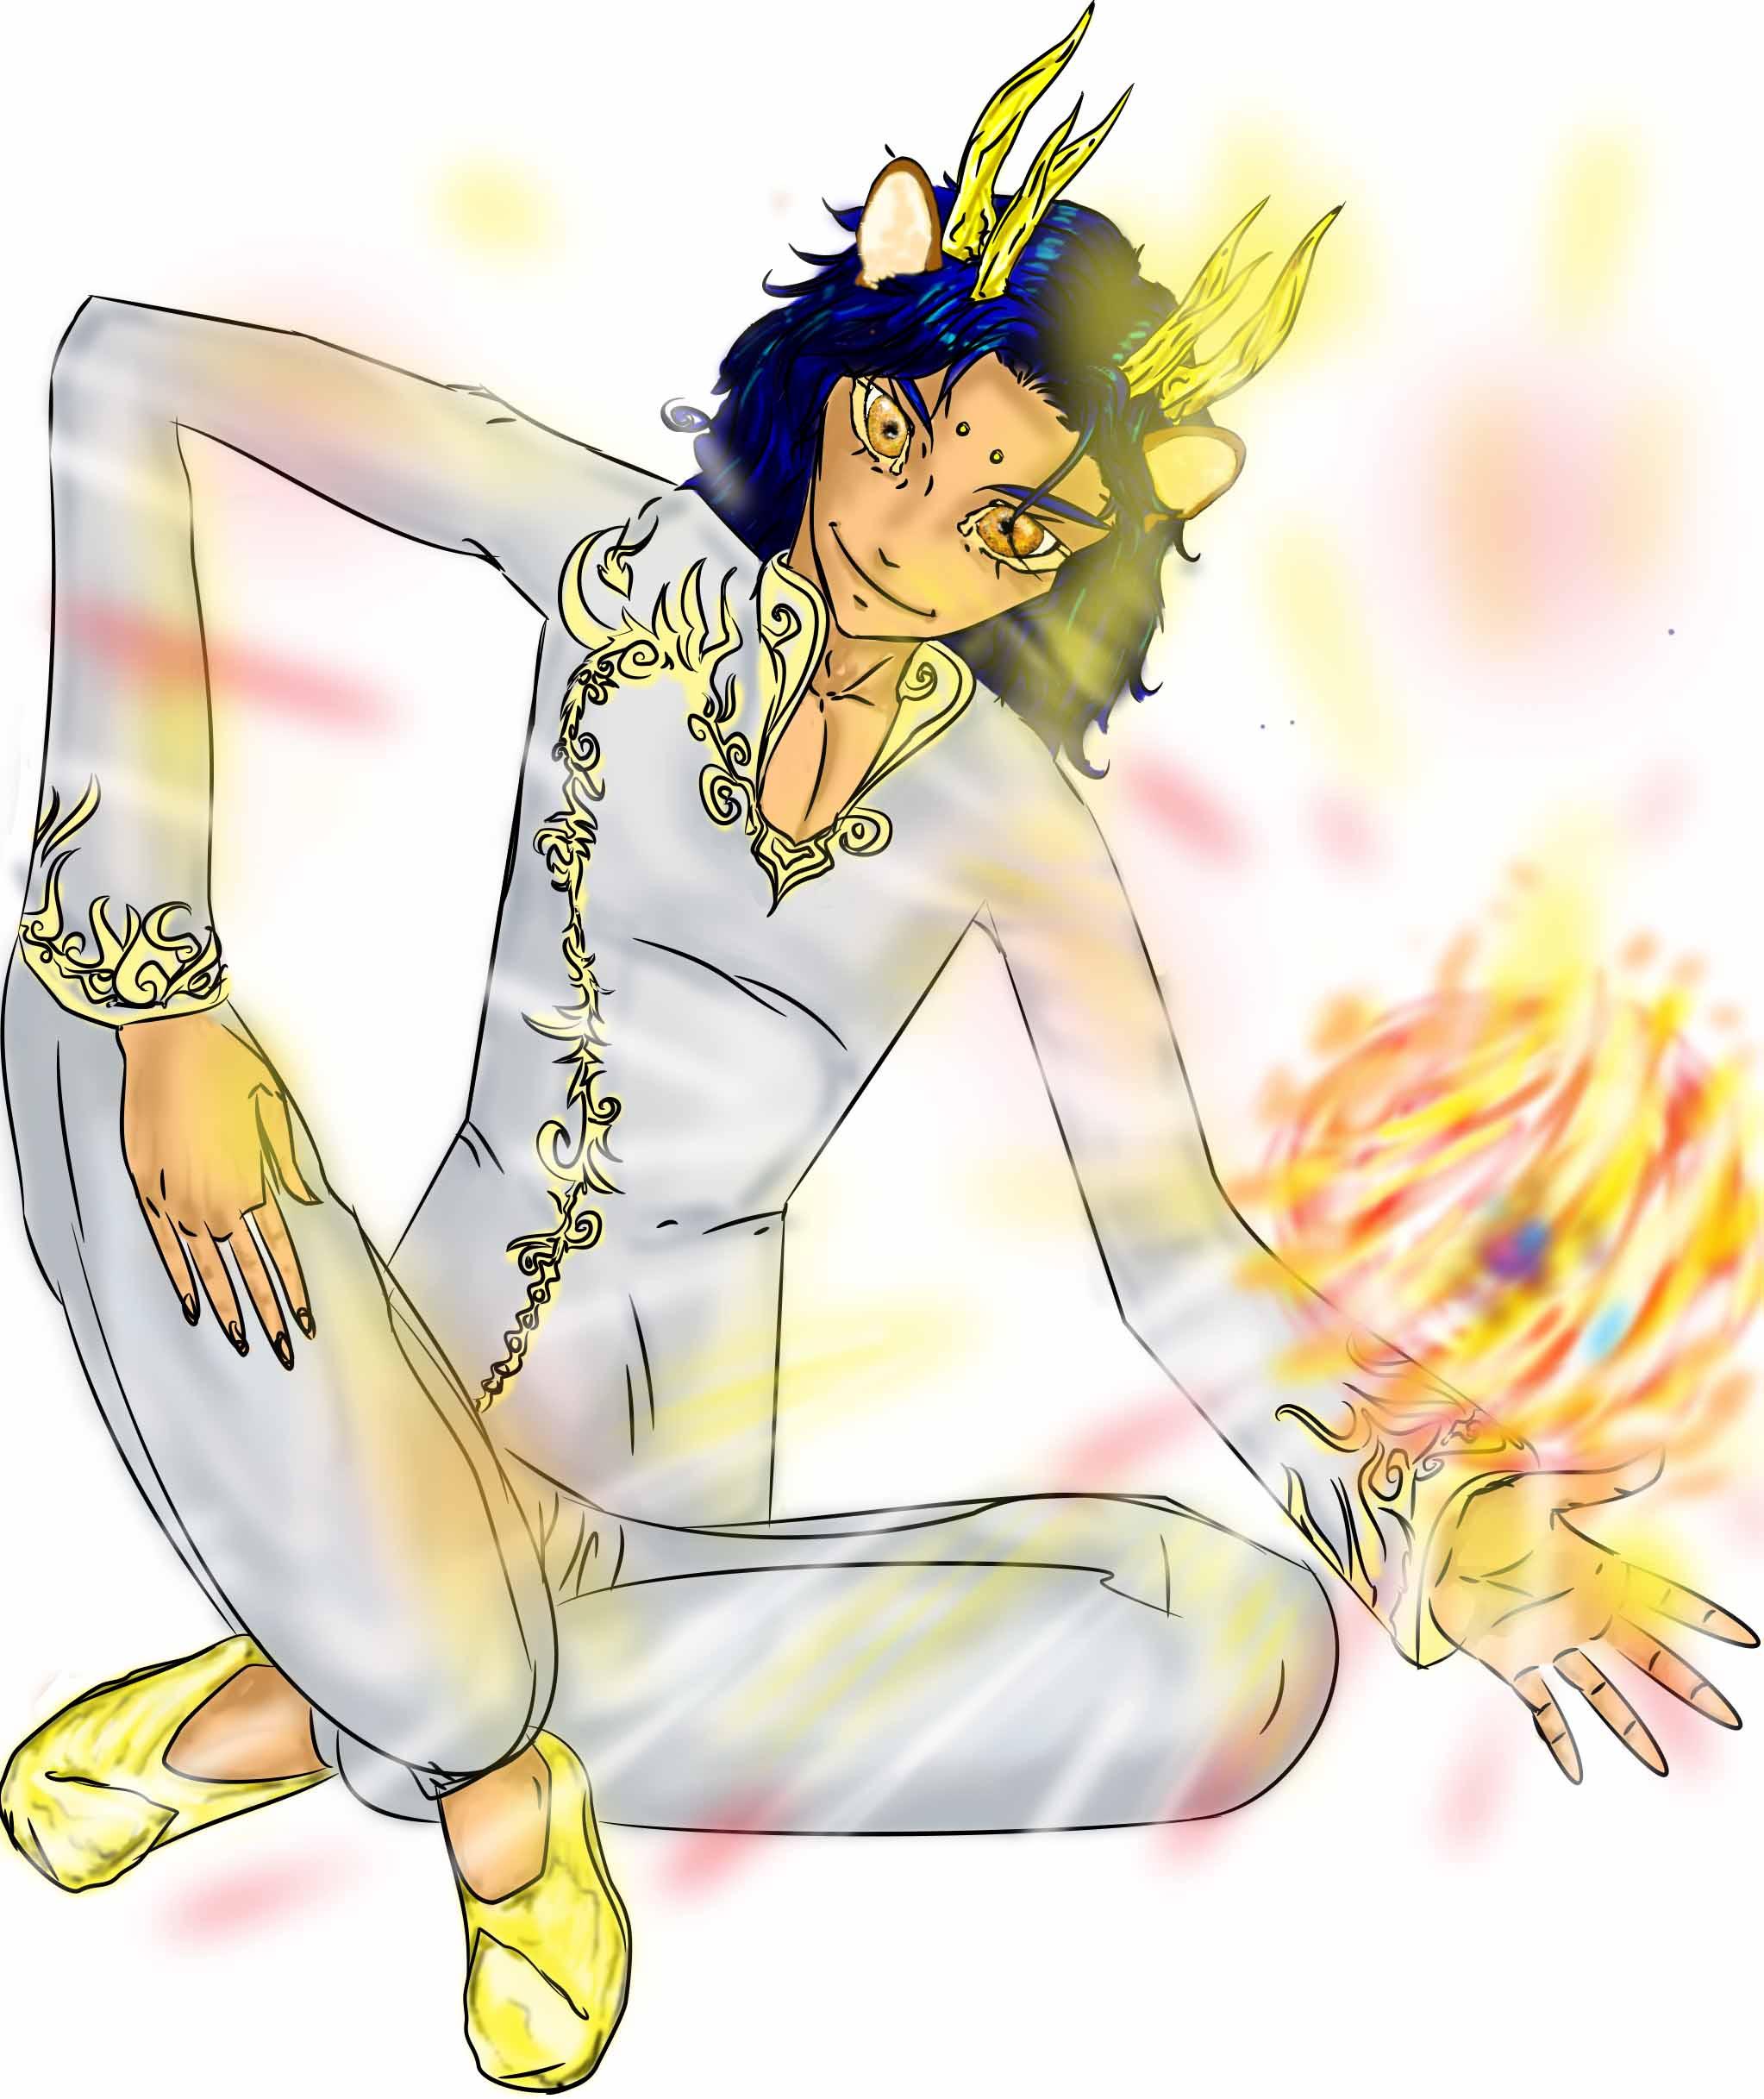 Le démon panthère Sitry libère ses pouvoirs